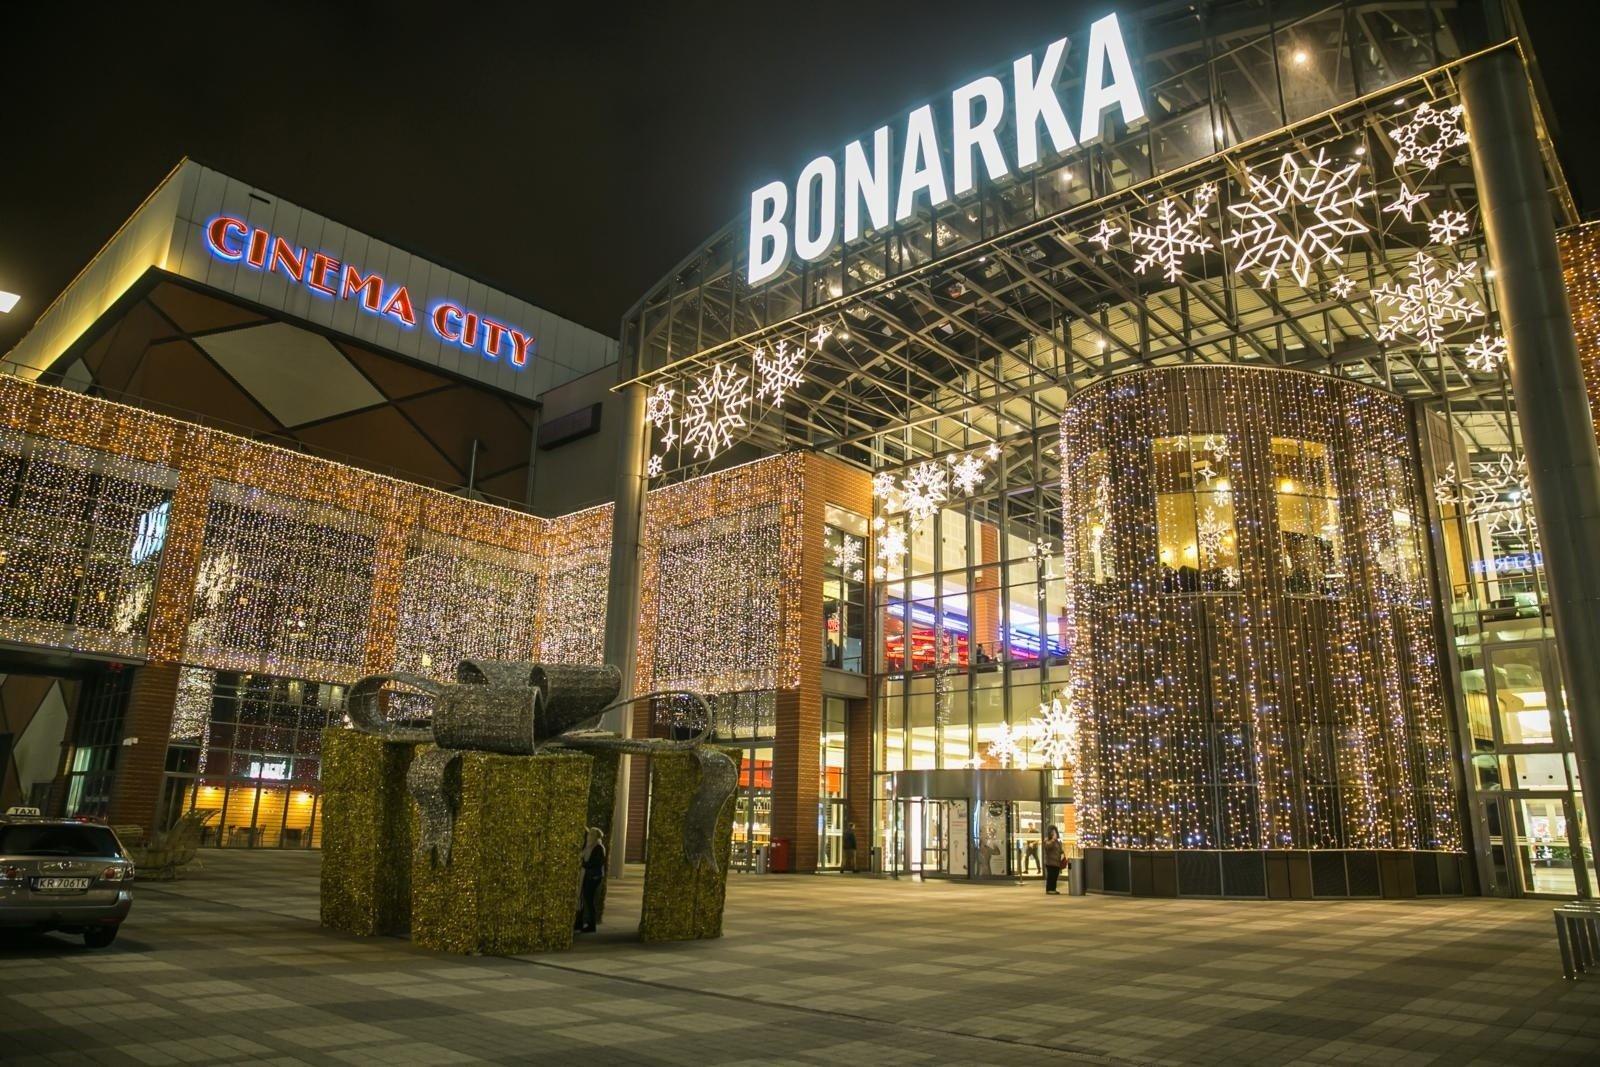 Gigantyczna Transakcja W Krakowie Wlasciciel Bonarki Za 2 Mld Zl